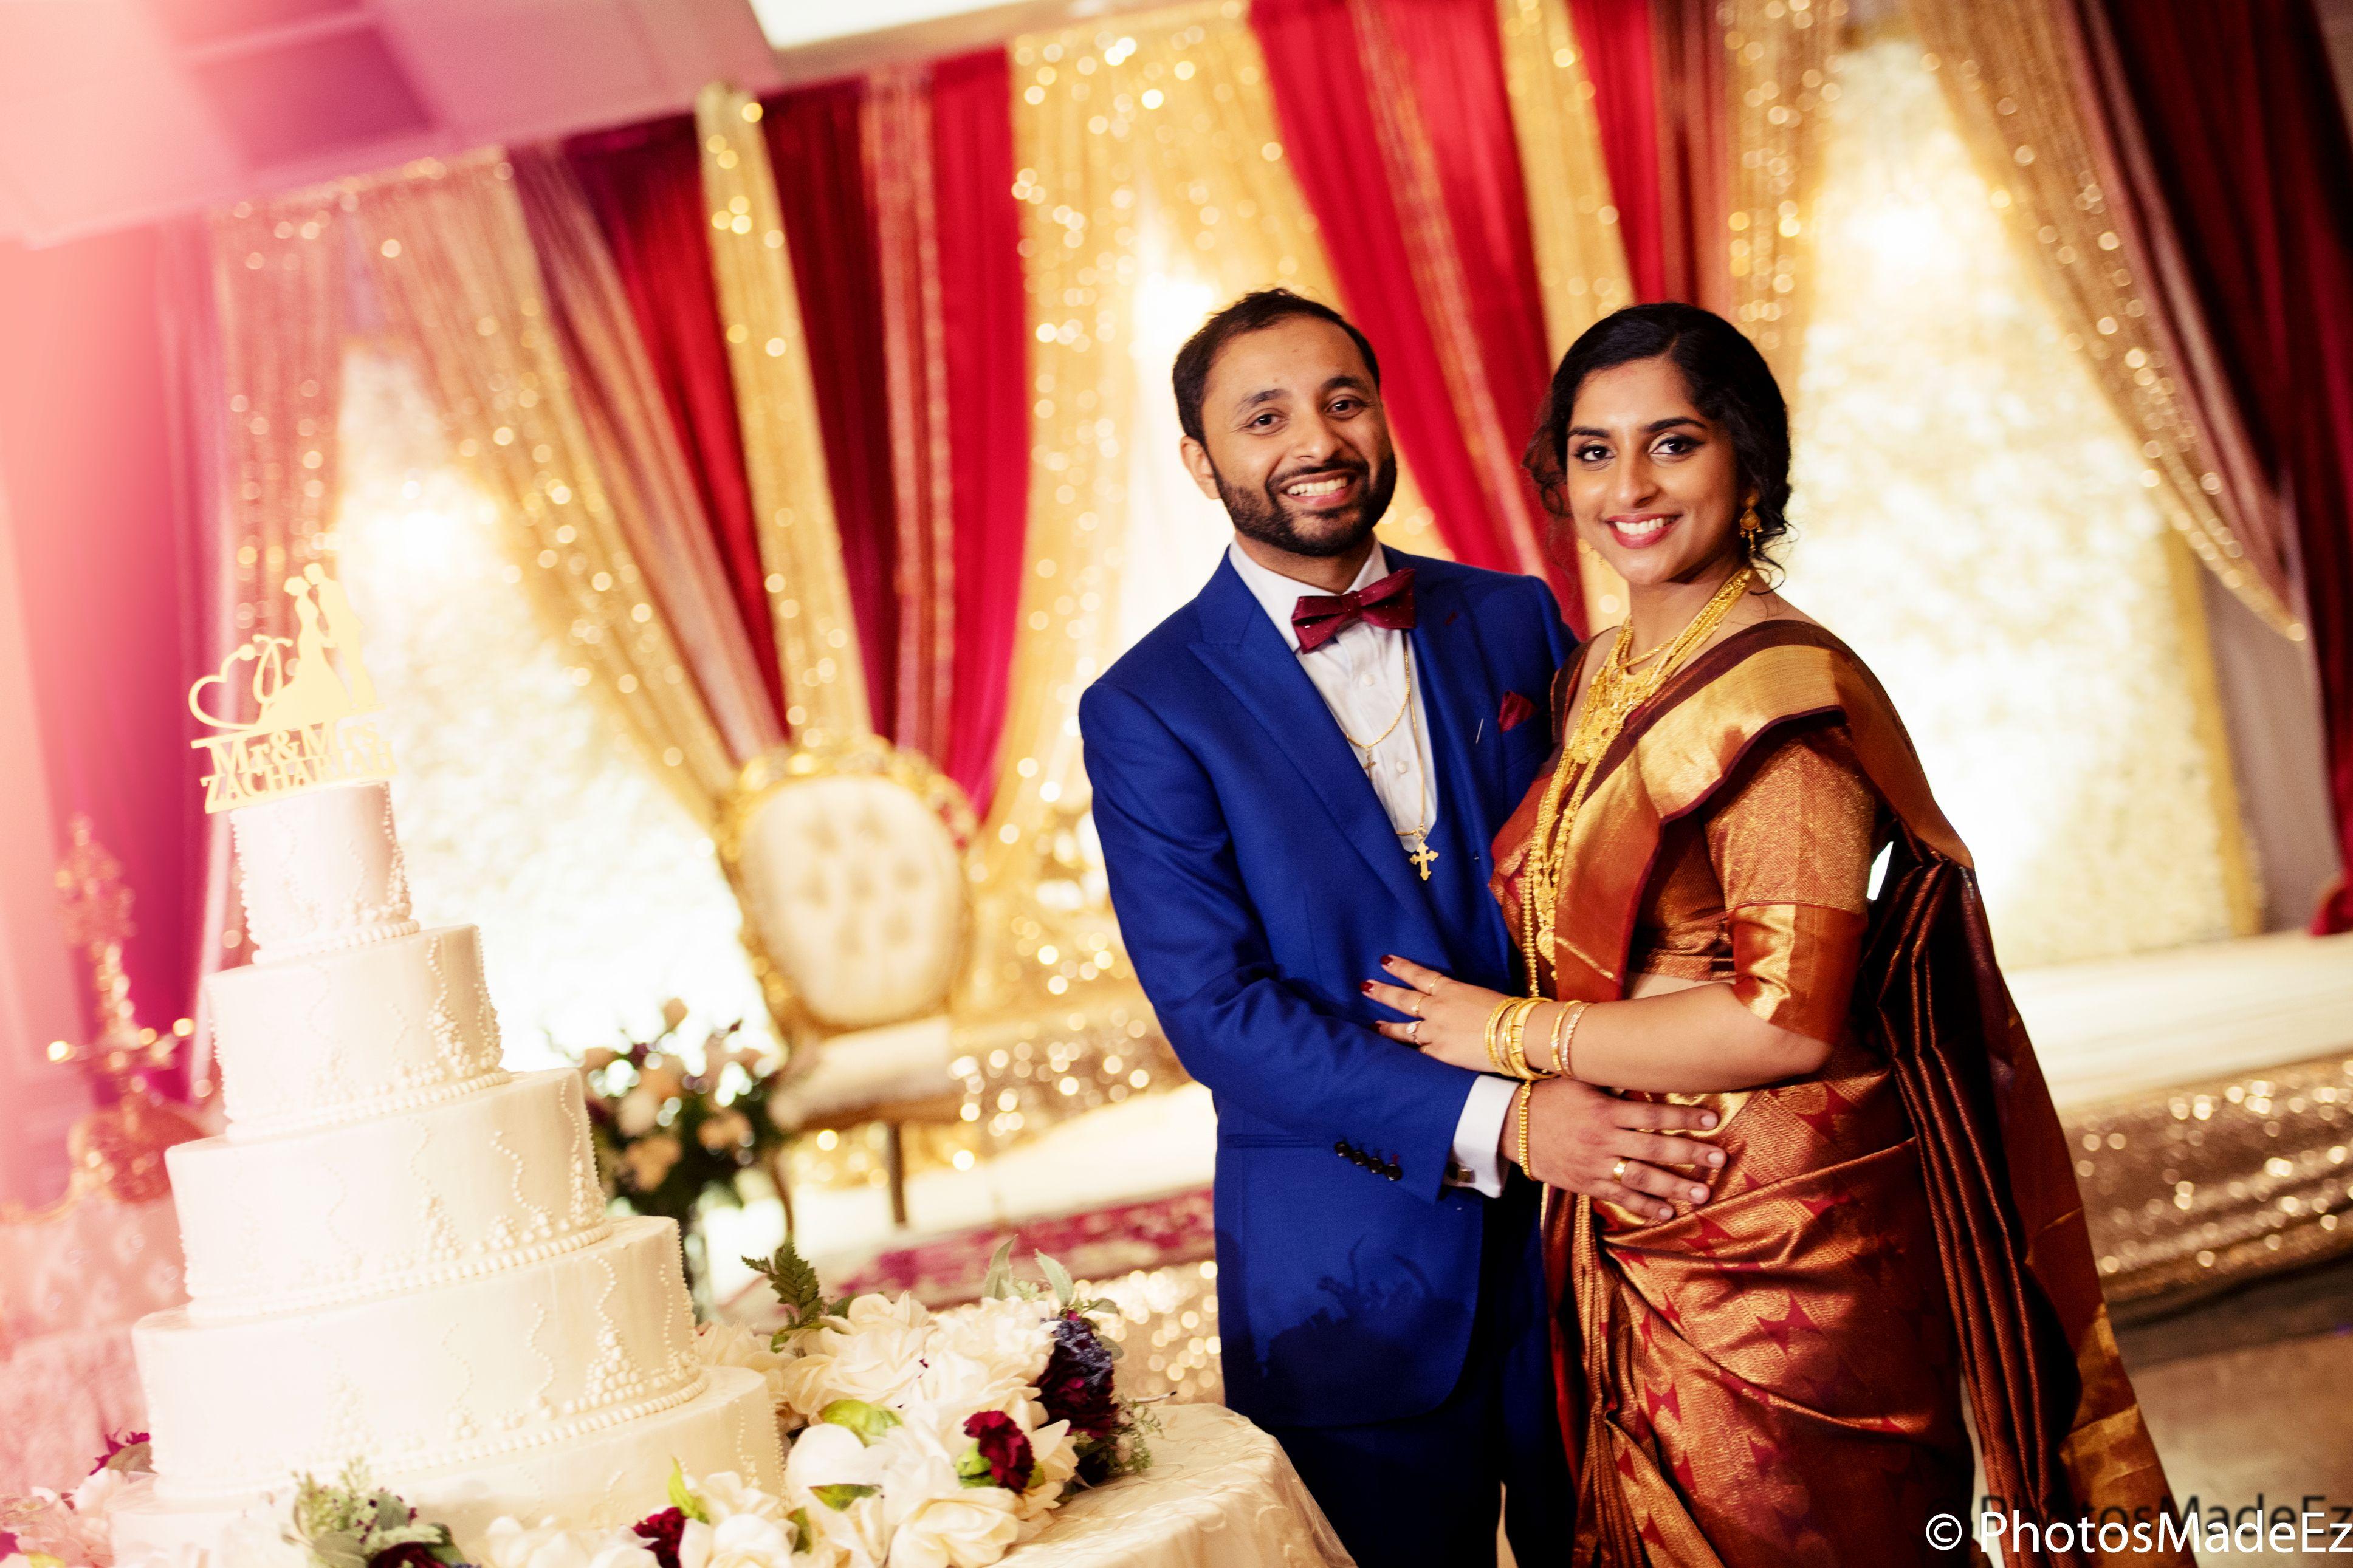 Bride Photo Malayali Christian Wedding Reception South Indian Bride Knanaya Wedding In Springfield Bride Photo Best Wedding Photographers Christian Wedding